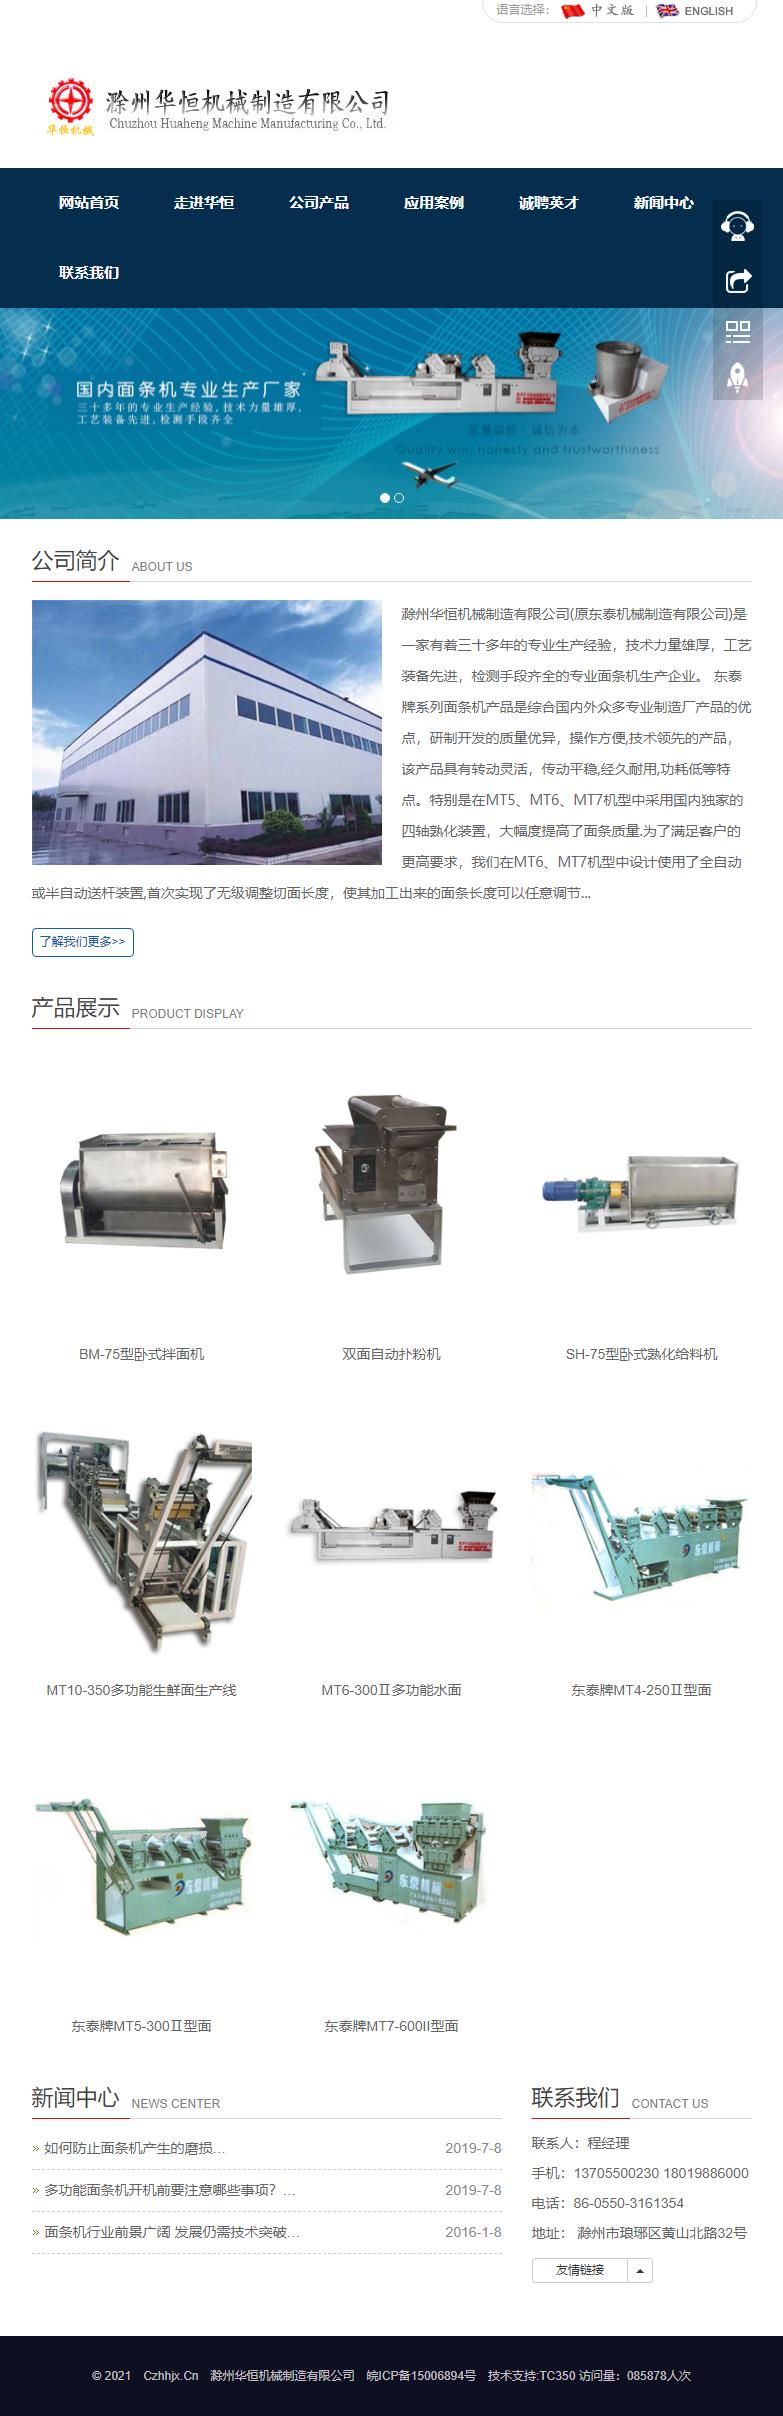 滁州华恒机械制造有限公司网站案例